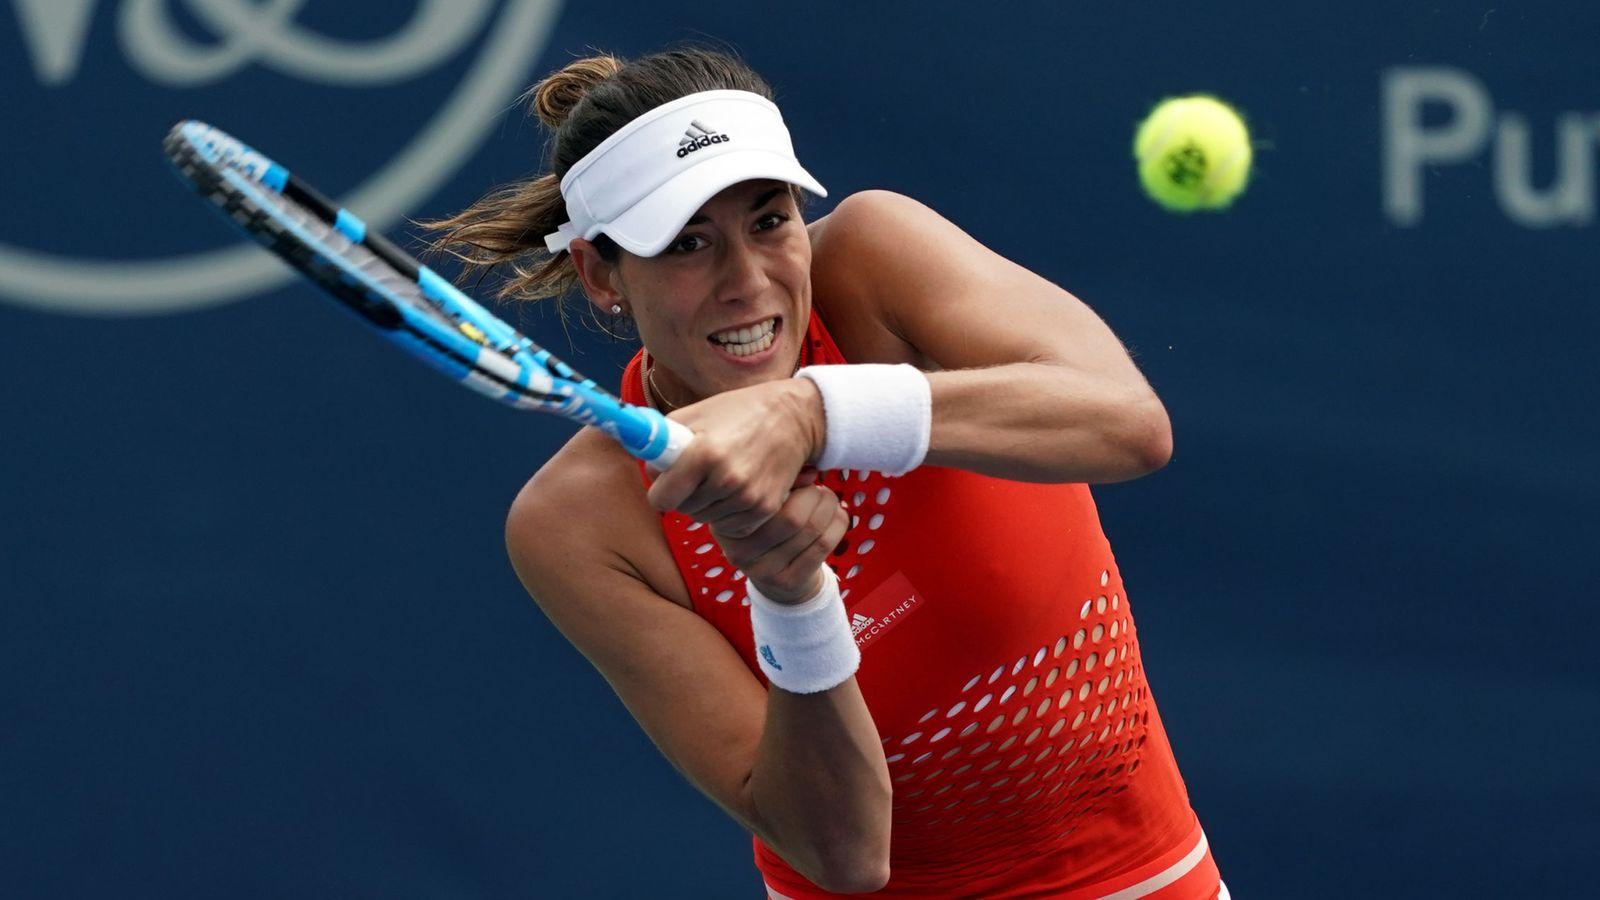 Foto: Garbiñe Muguruza nunca ha pasado de los octavos de final en el US Open. (USA TODAY Sports)